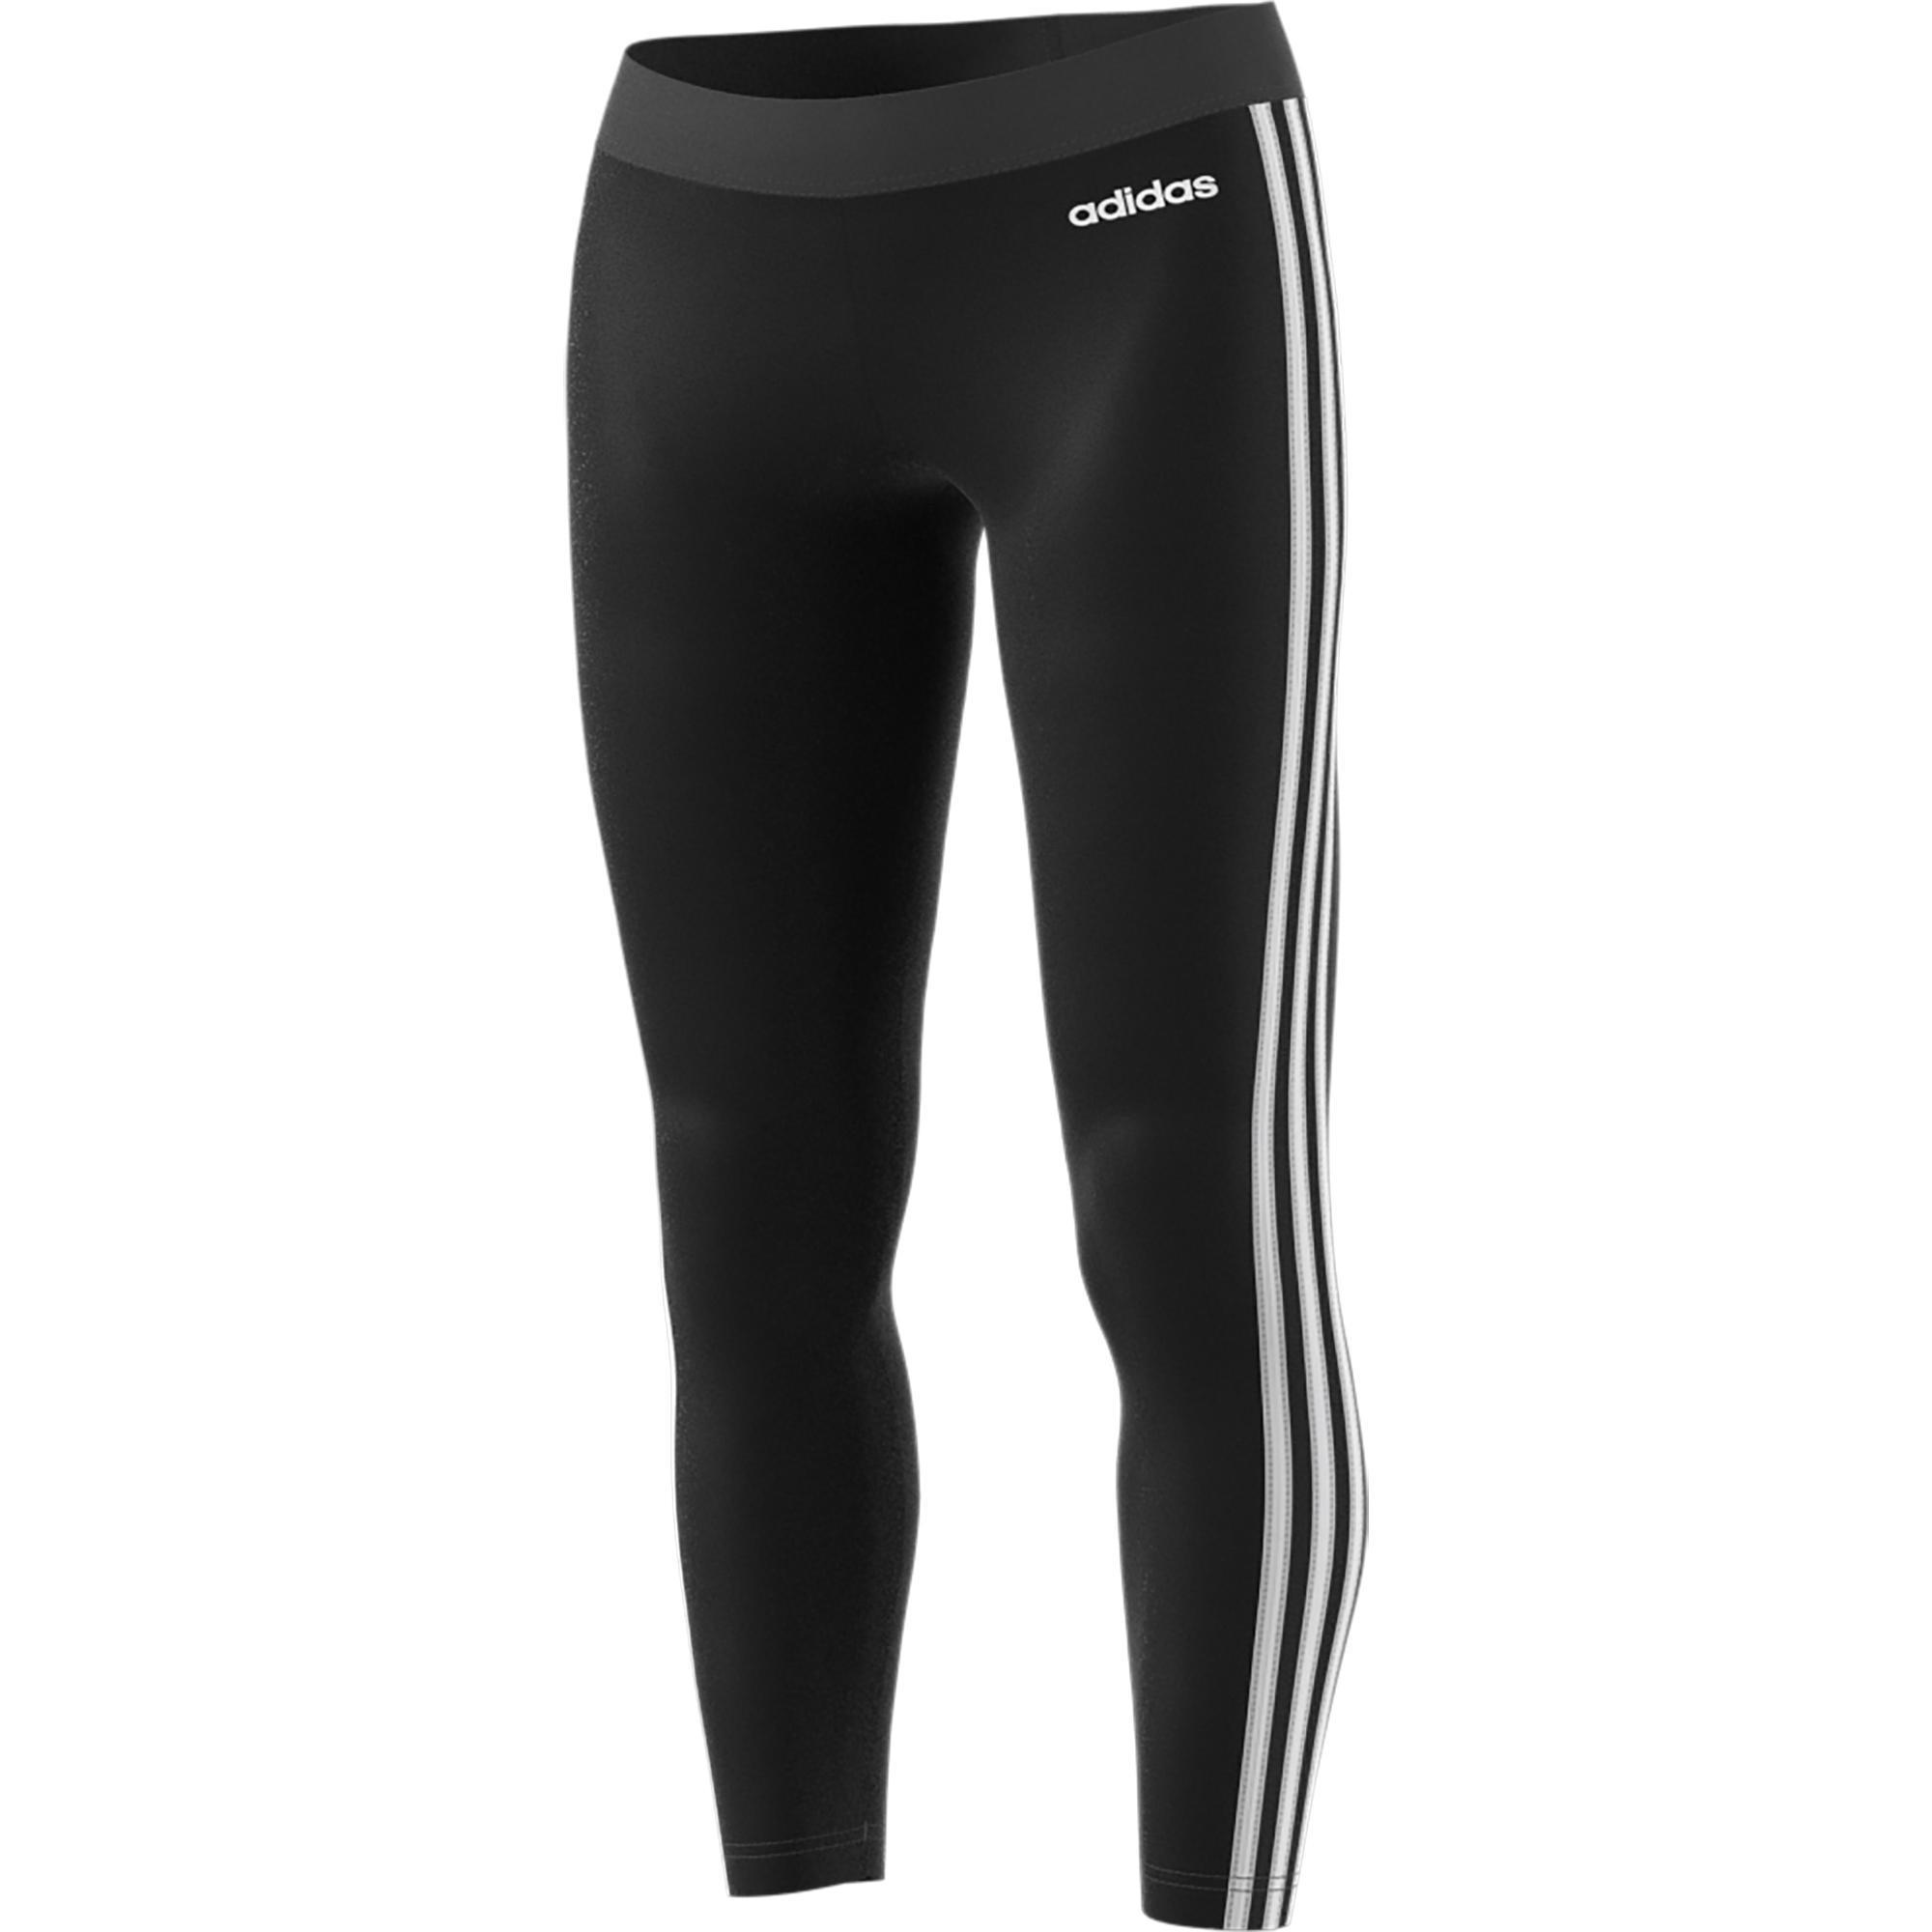 Adidas Legging Adidas 3S 500 pilates lichte gym dames zwart/wit